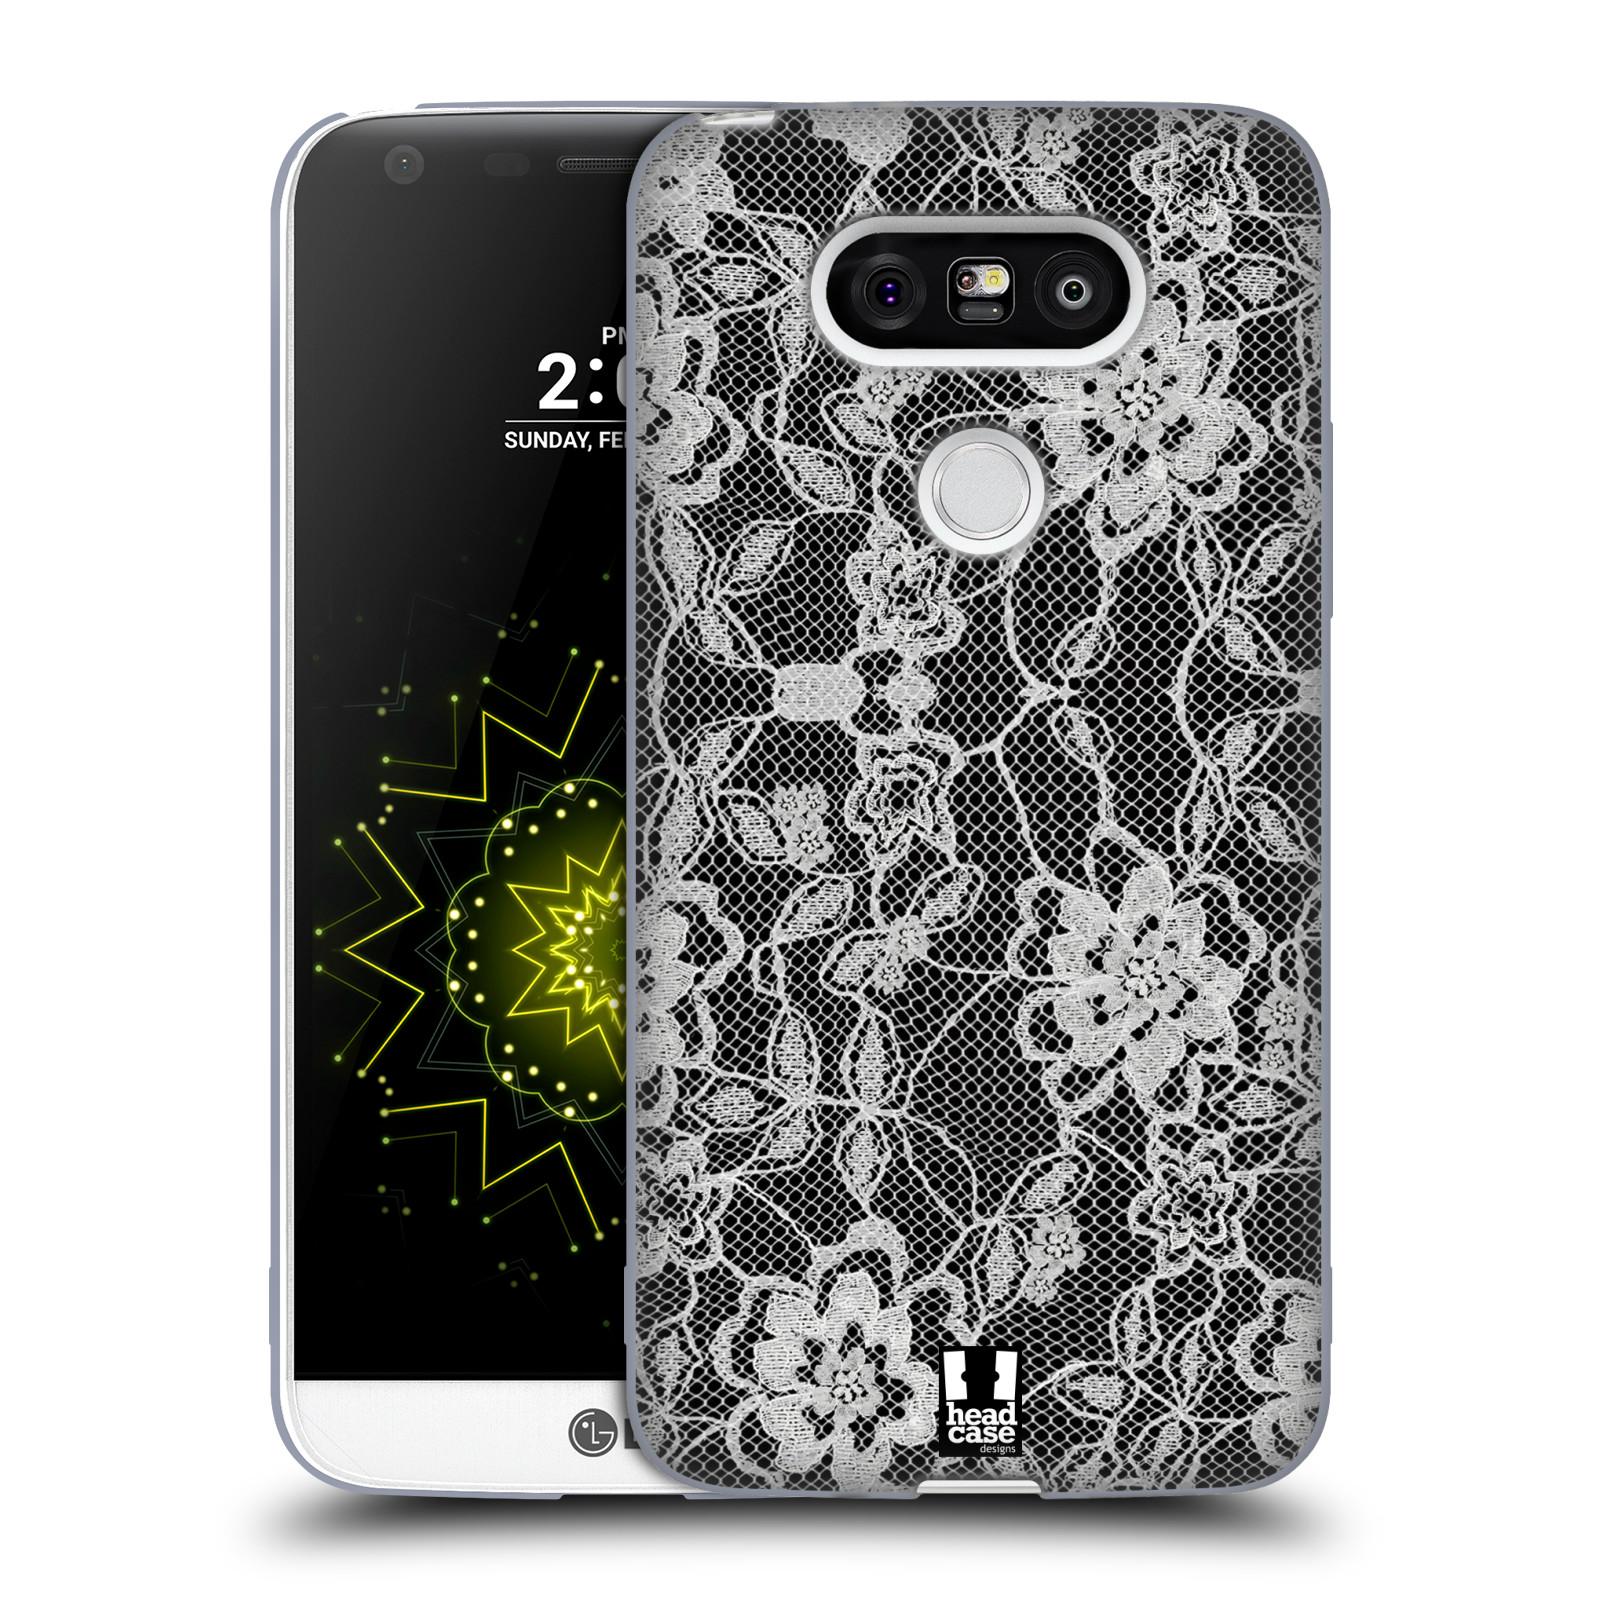 Silikonové pouzdro na mobil LG G5 HEAD CASE FLOWERY KRAJKA (Silikonový kryt či obal na mobilní telefon LG G5 H850)